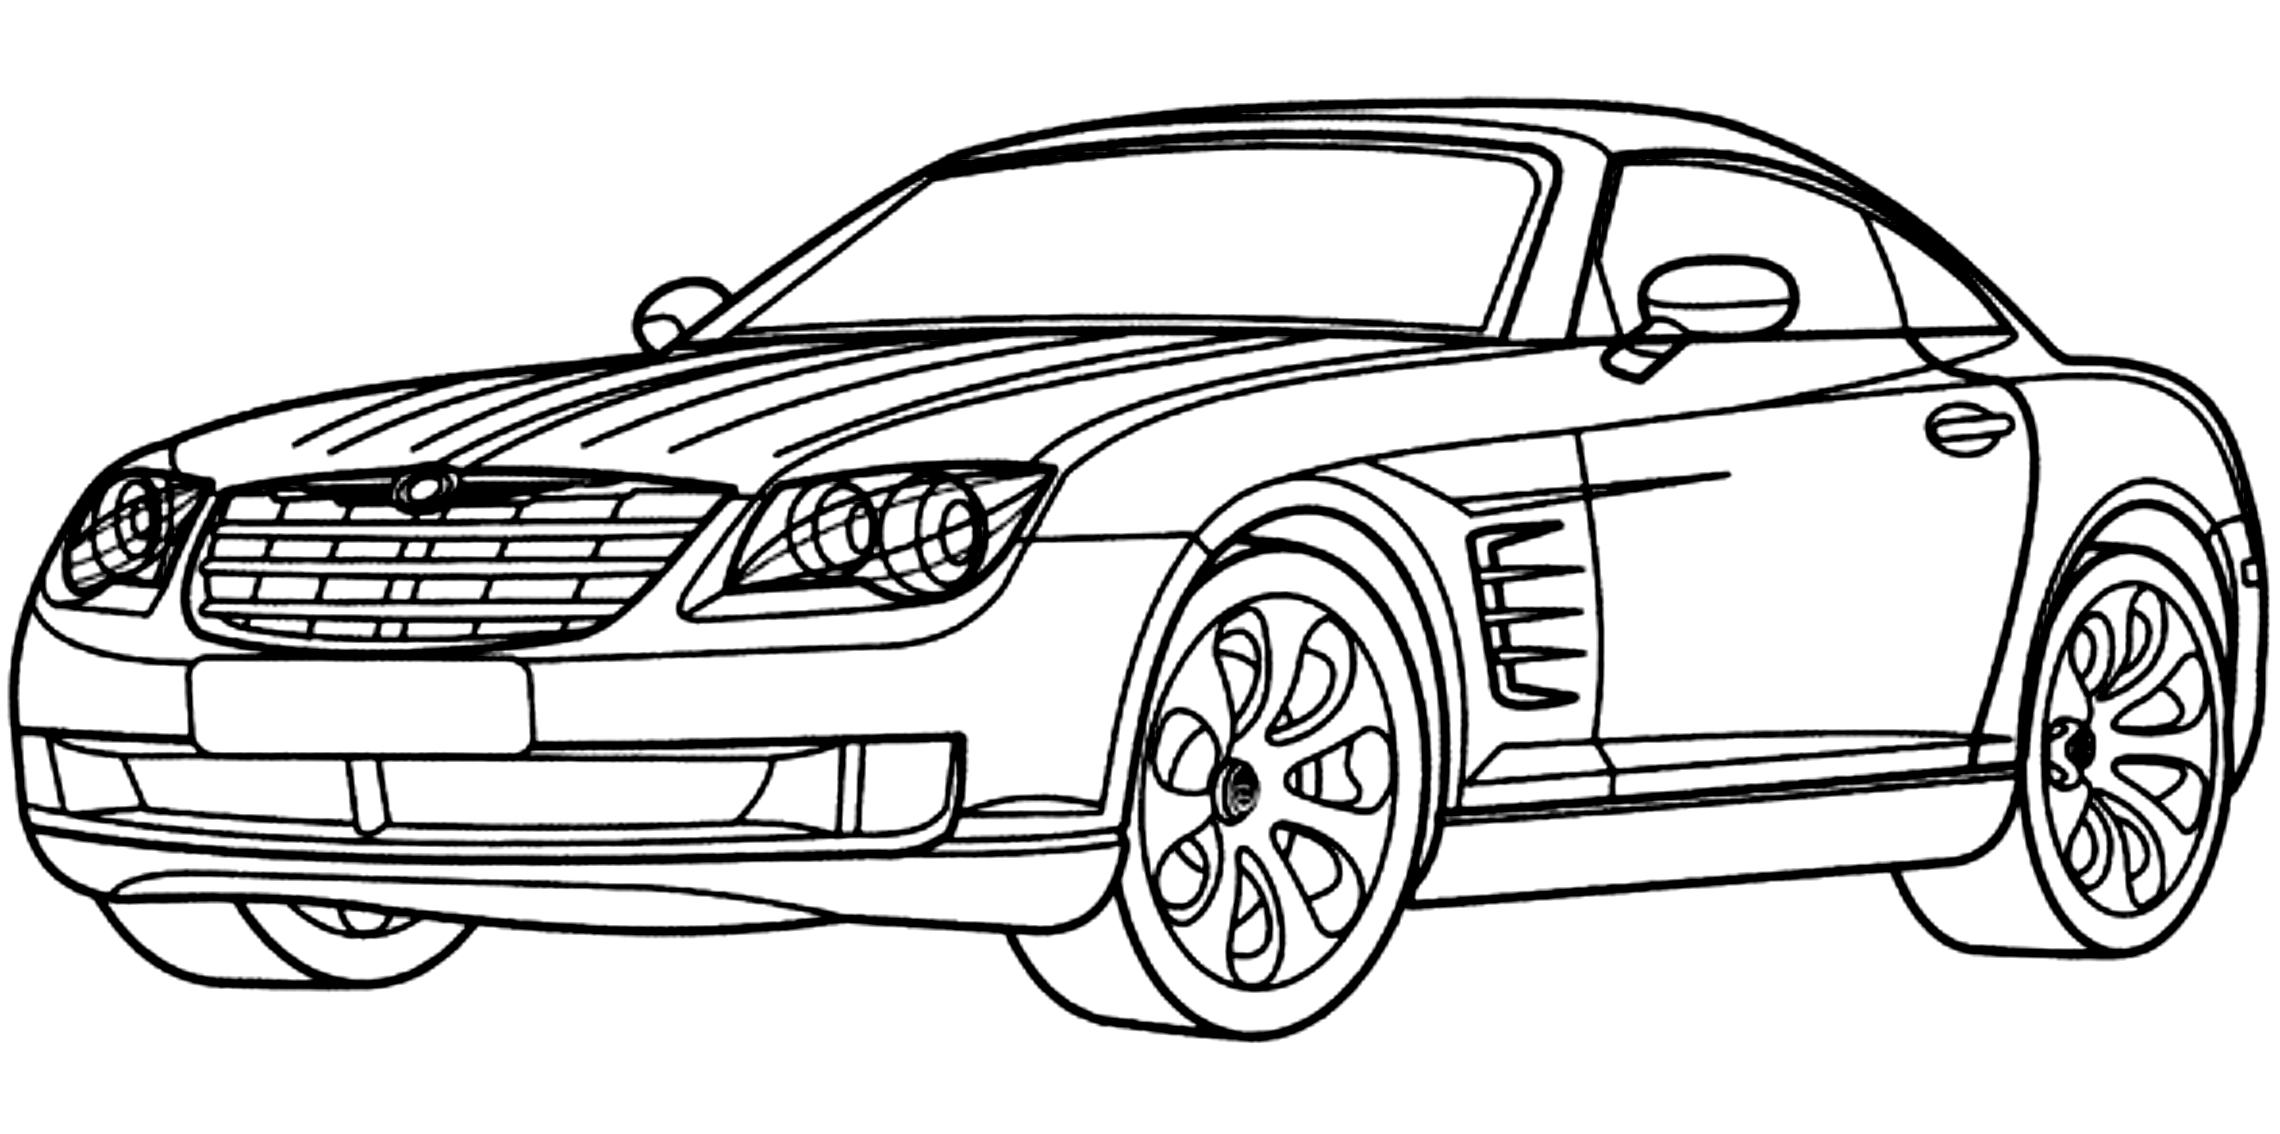 Disegno 7 Di Automobili Da Colorare